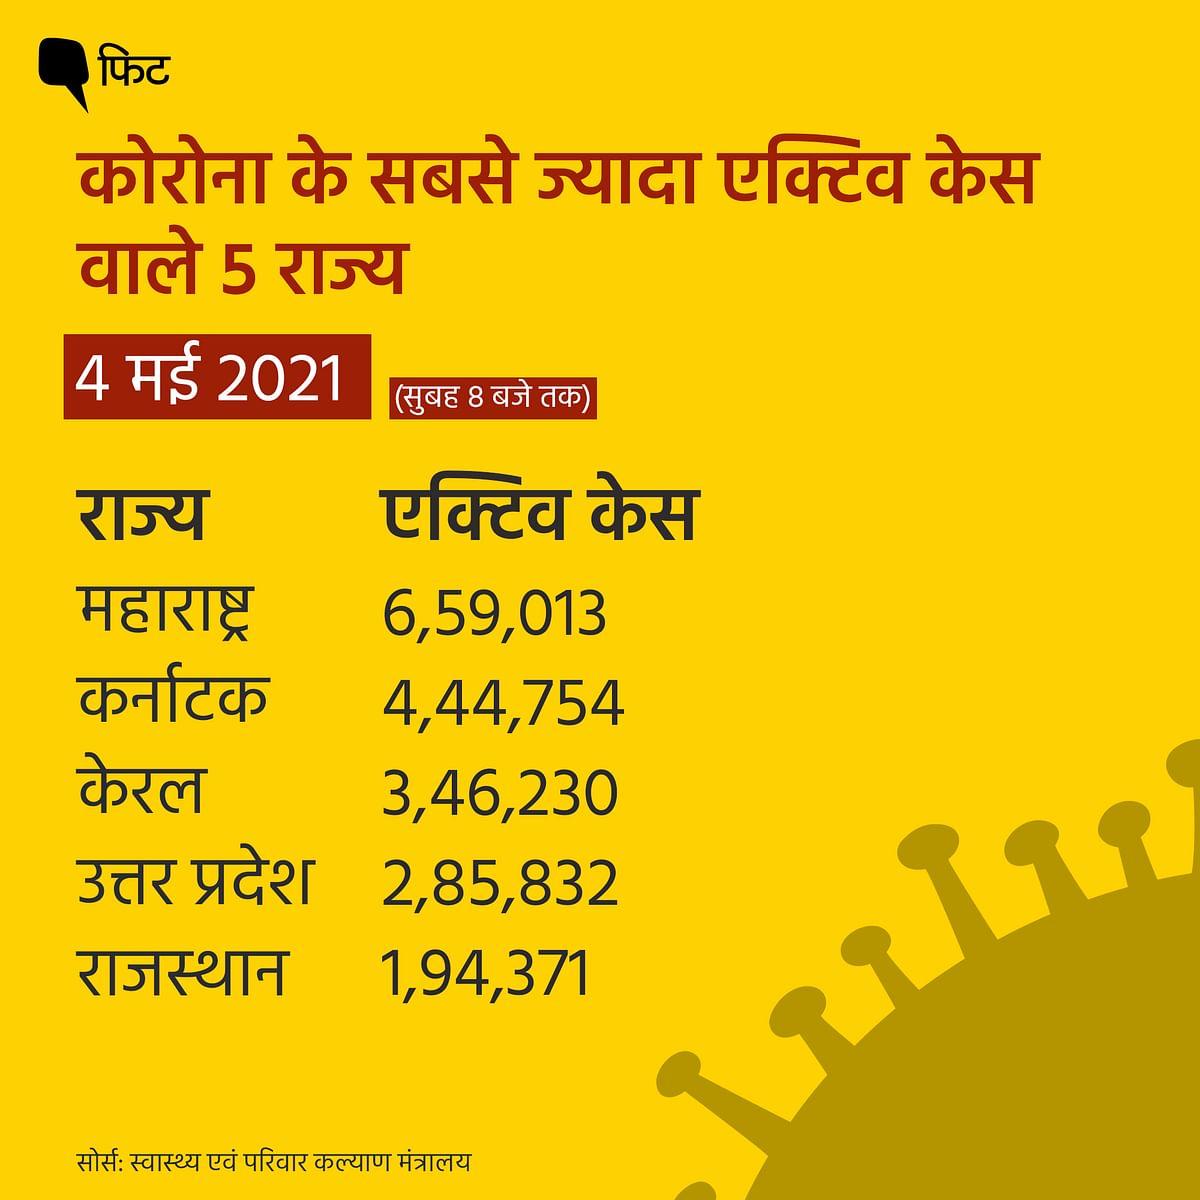 नए कोरोना केस घटे, दिल्ली,महाराष्ट्र,पंजाब में स्थिरता के संकेत